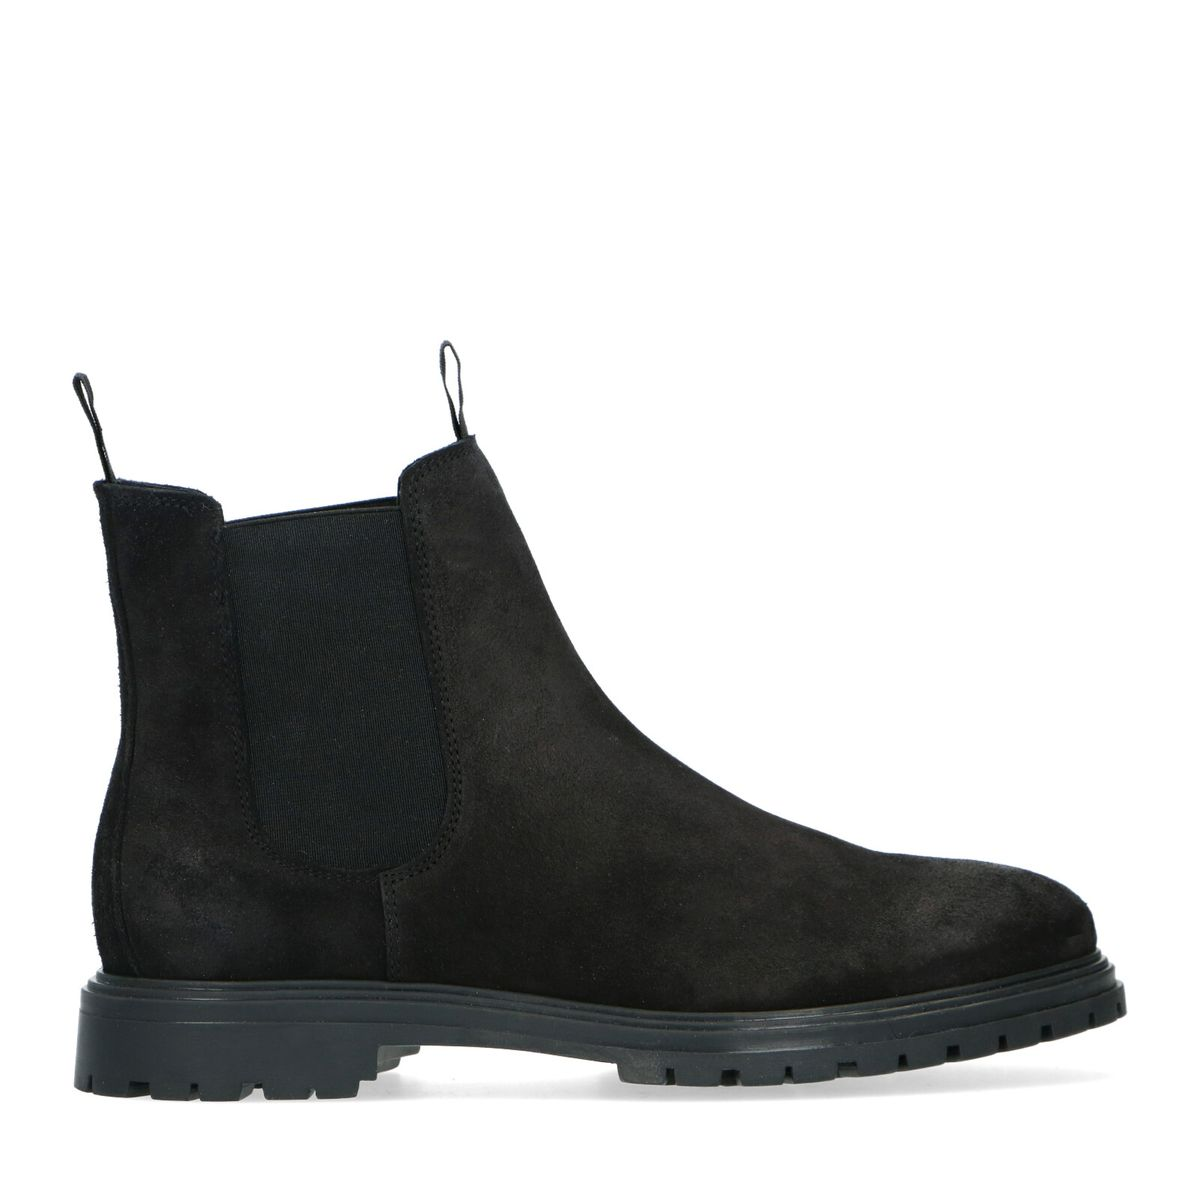 Chelsea boots en daim - noir - Sacha - Modalova